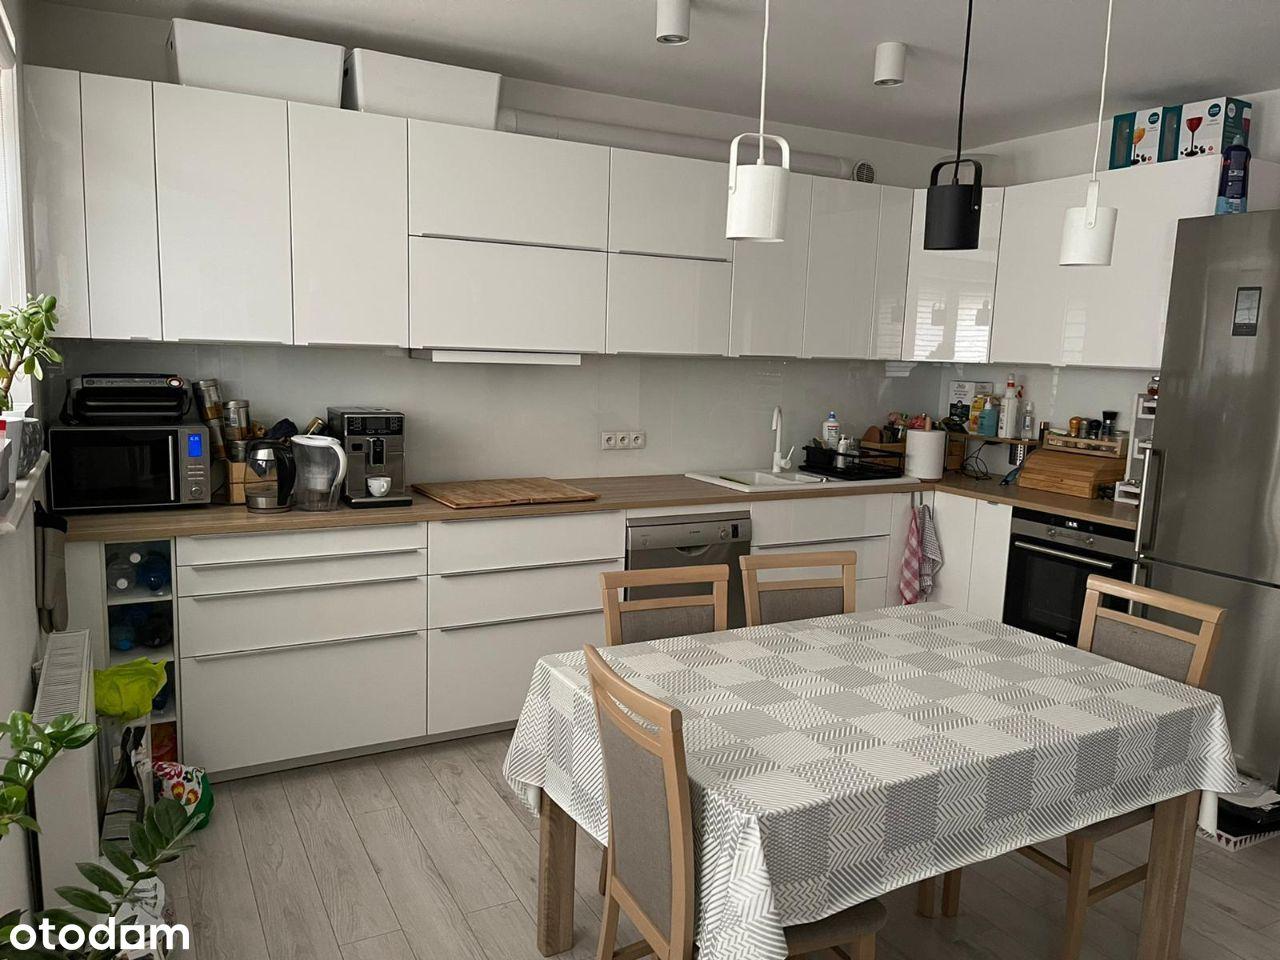 Mieszkanie 3 pokojowe w Luboniu schowek